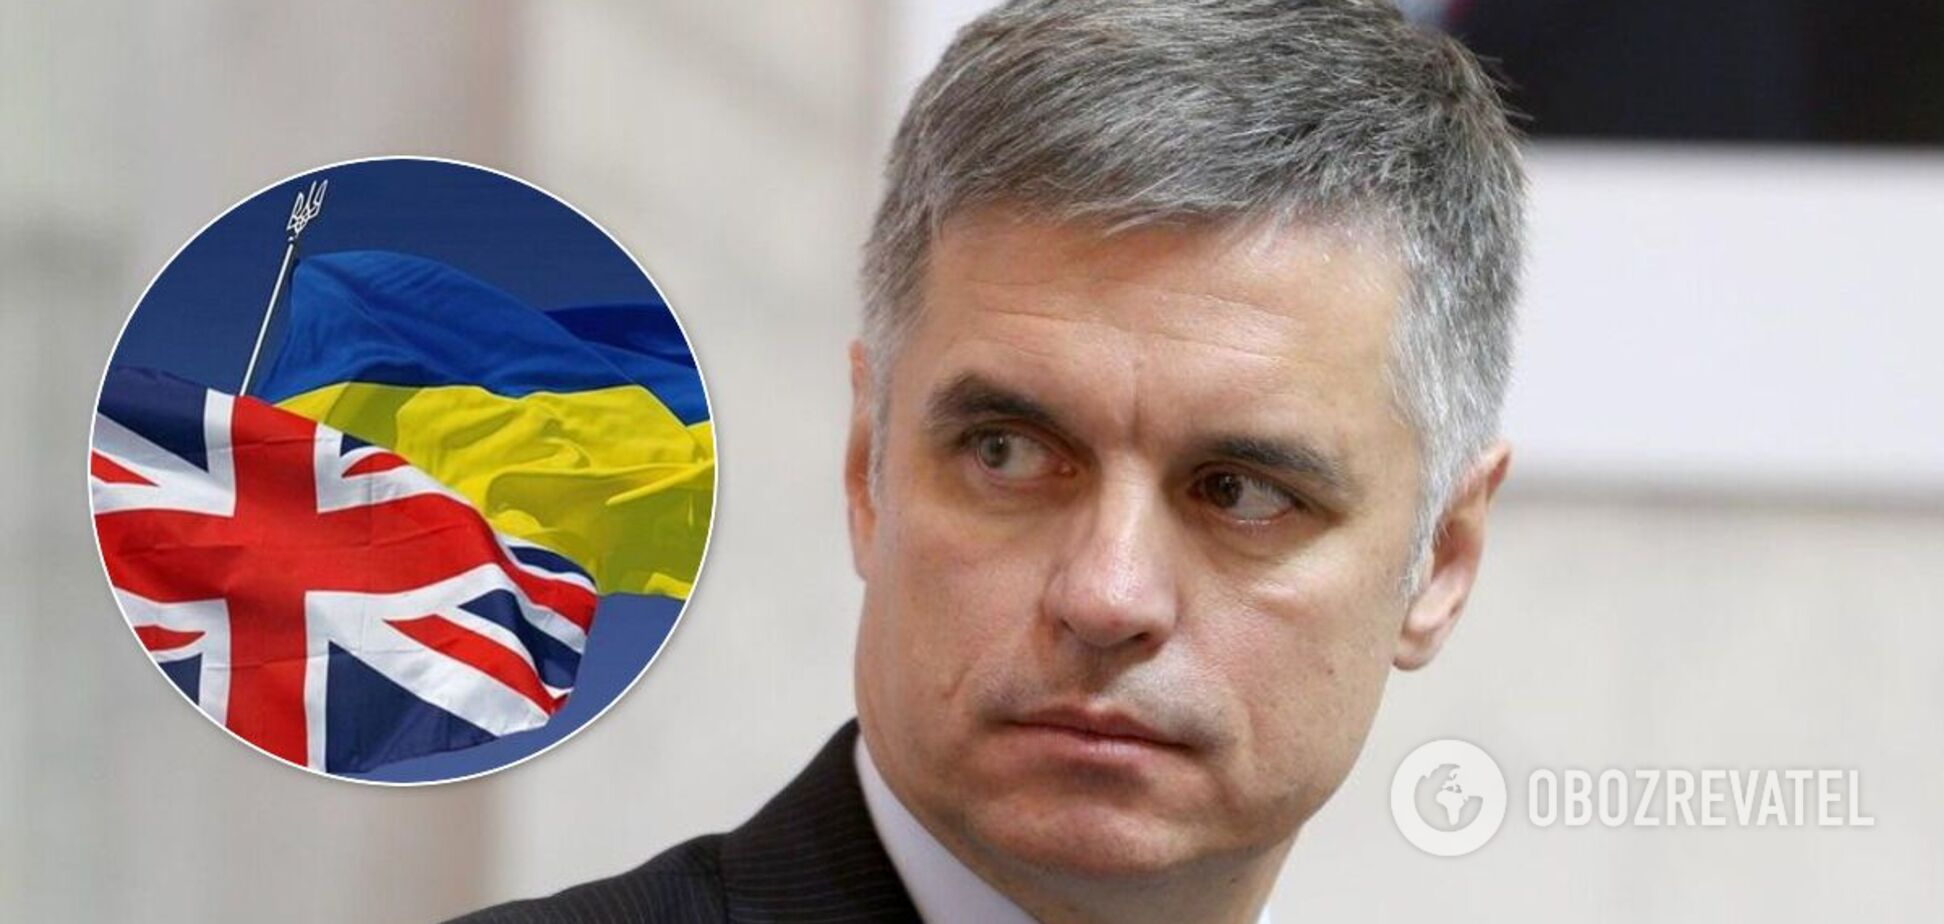 Пристайко про нову угоду між Україною і Британією: будете здивовані